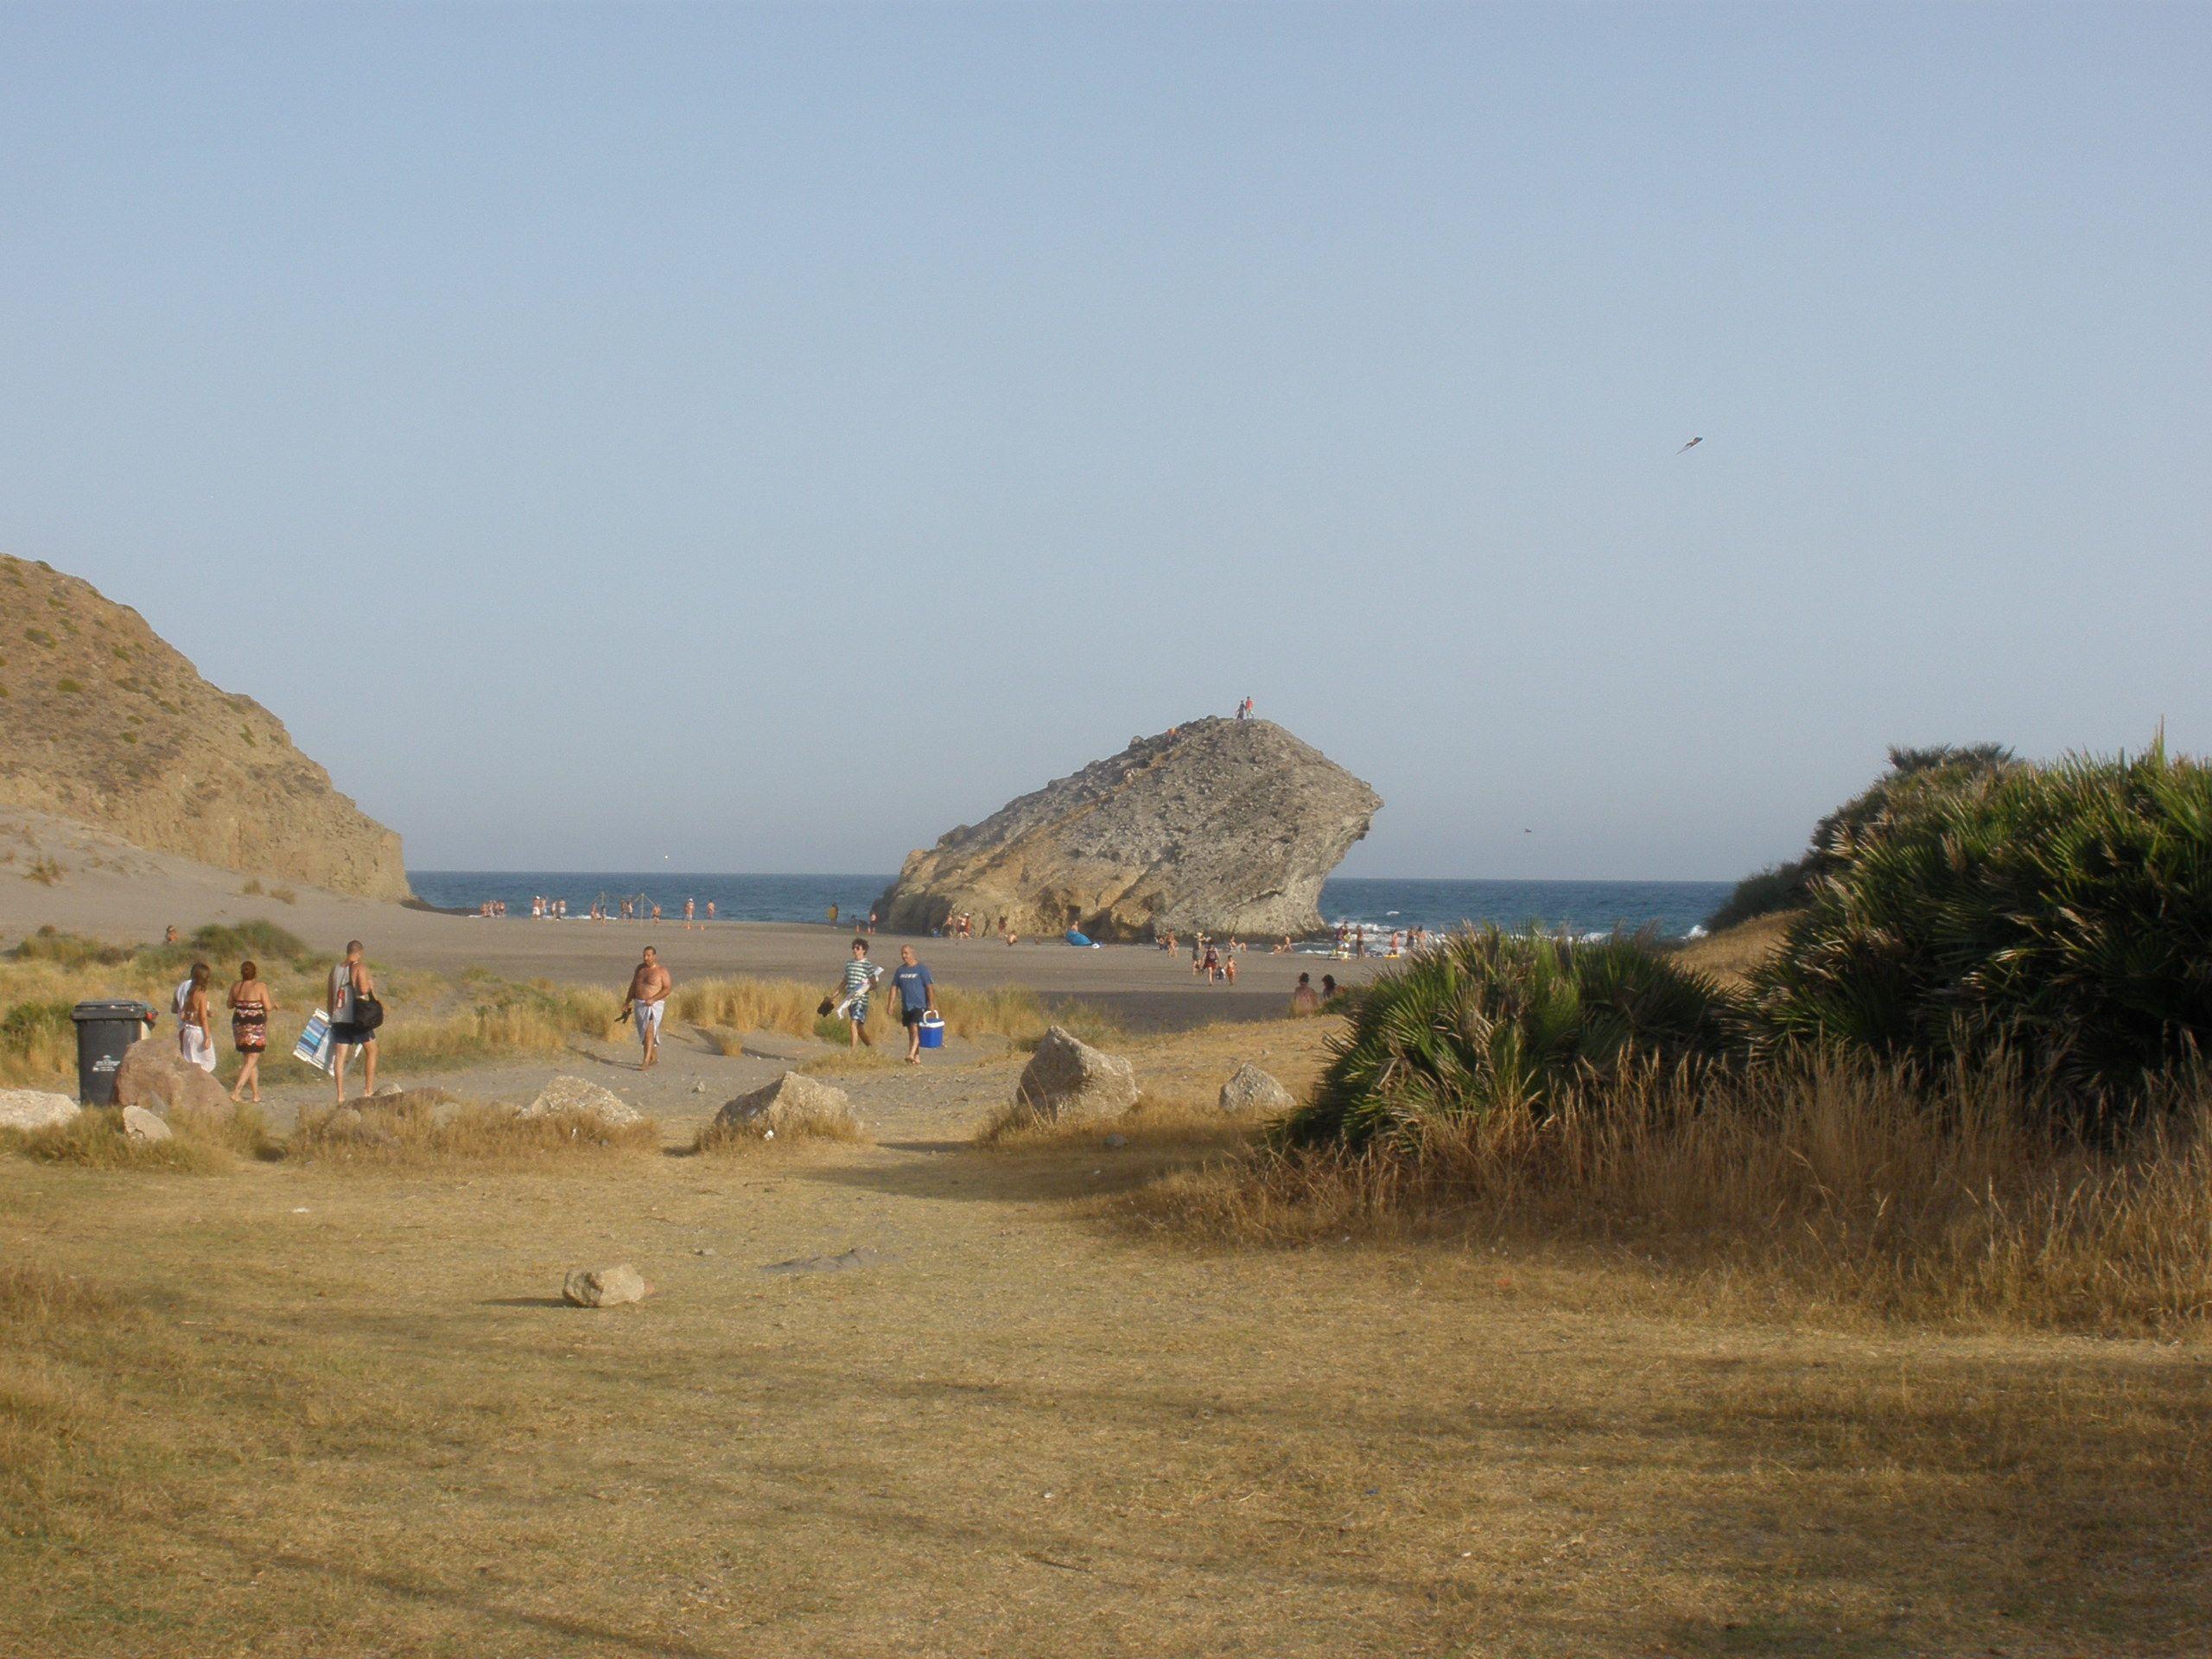 Playa del Monsul, donde se rodó una escena de Indiana Jones, Parque Natural del Cabo de Gata